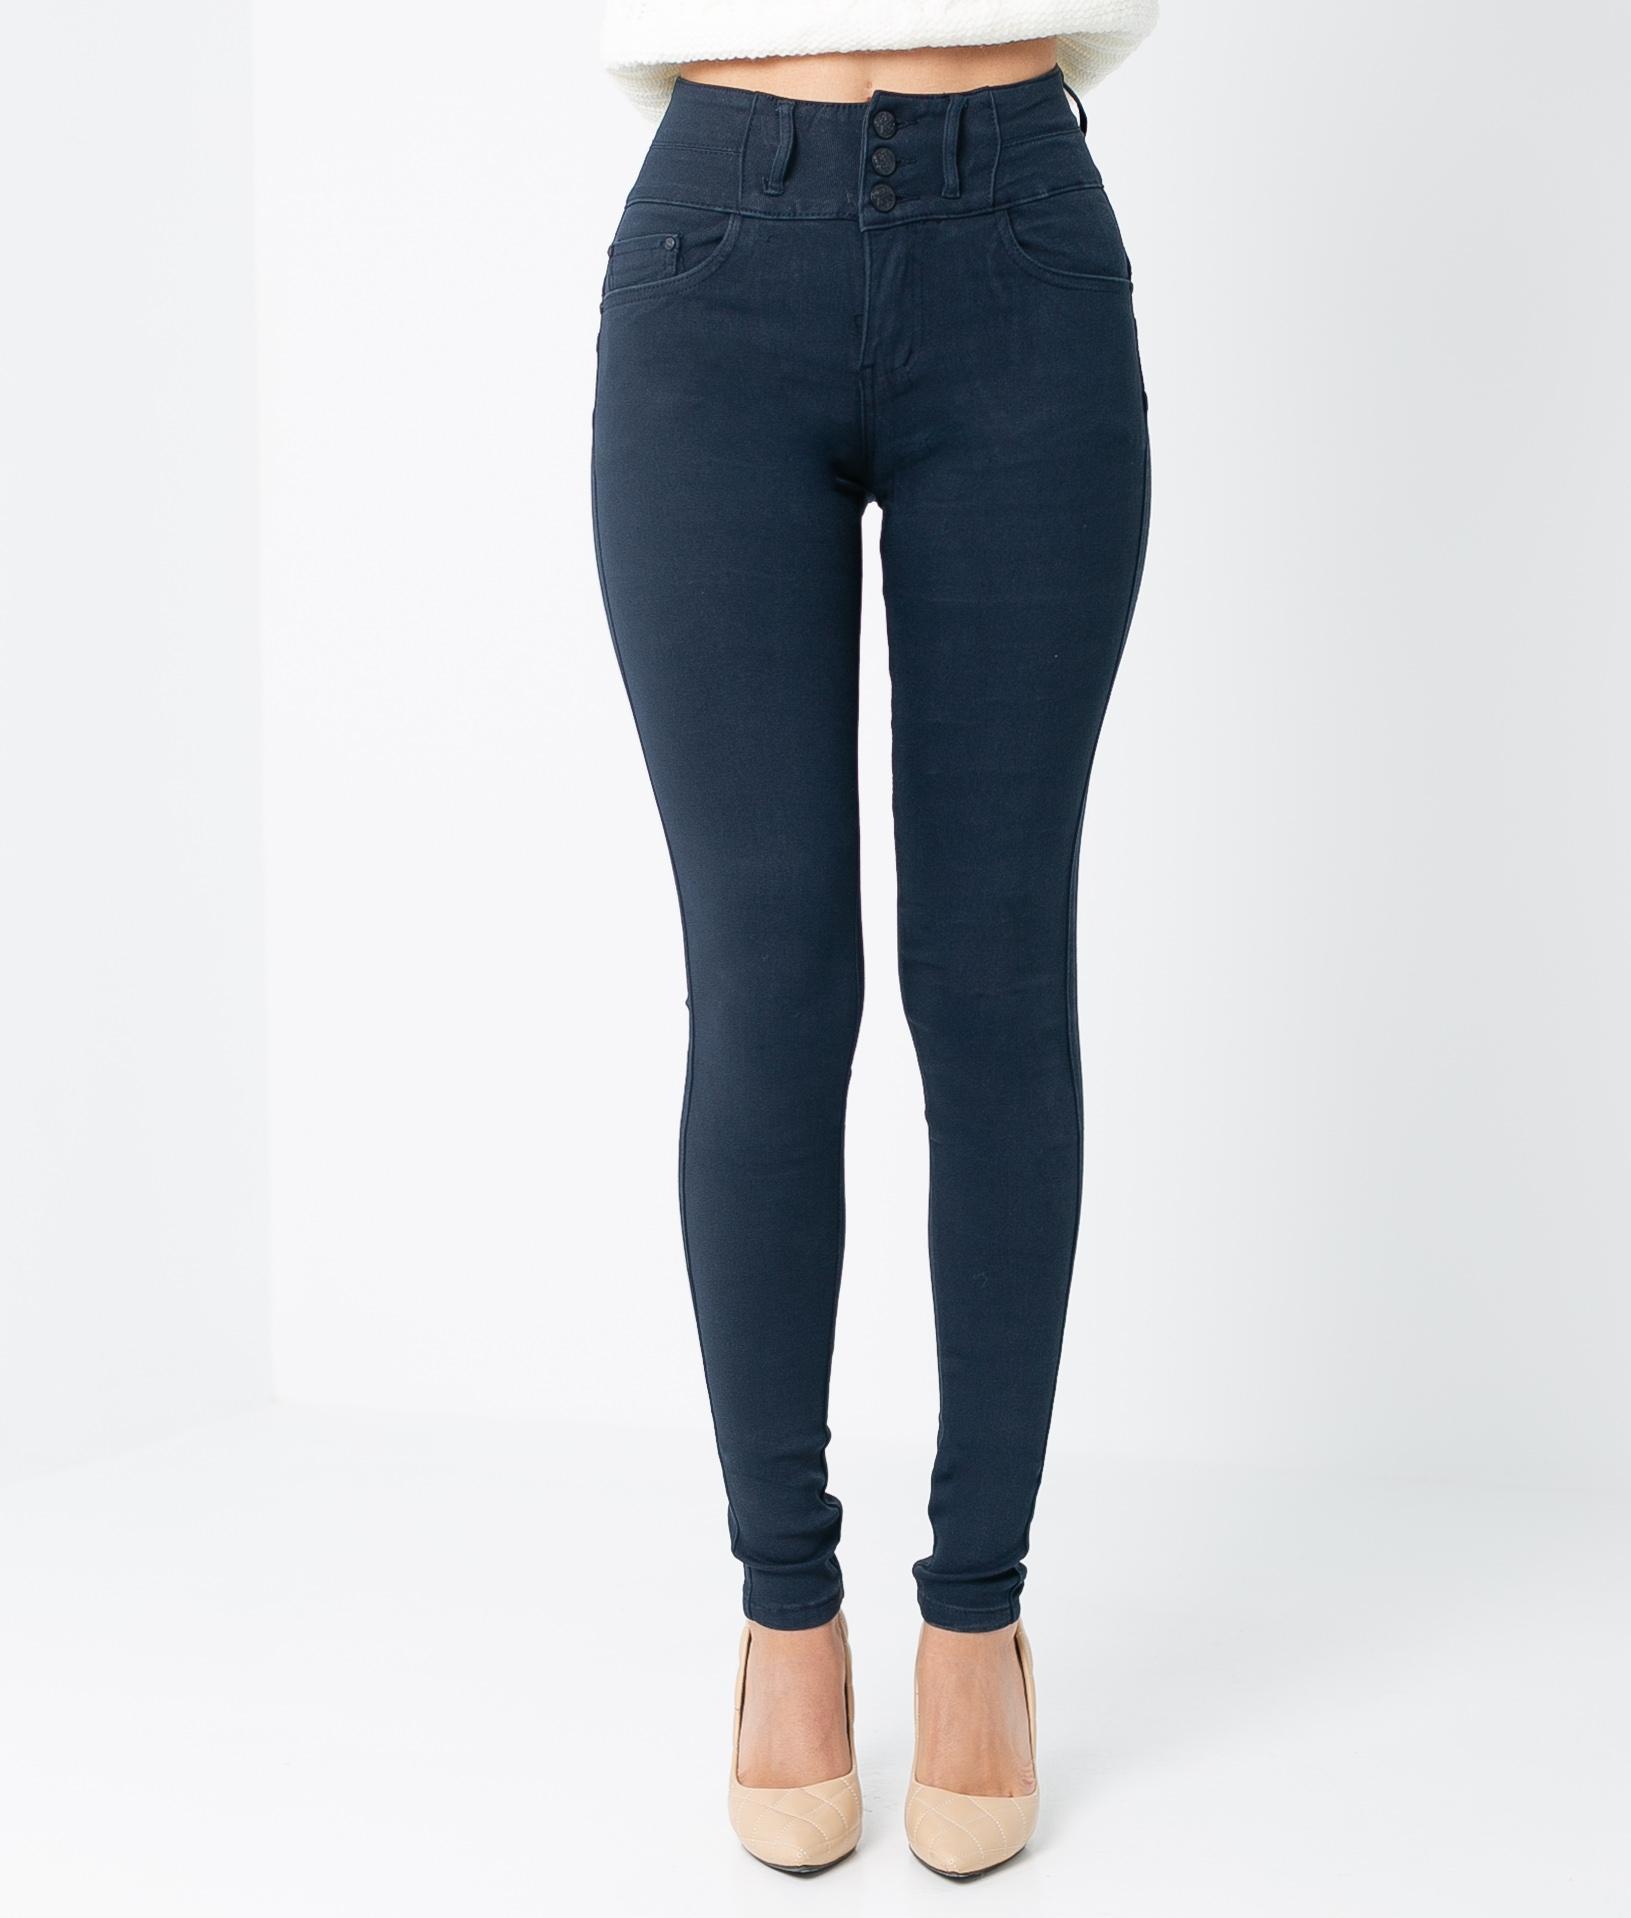 Pantalon Subama - Azul Marino